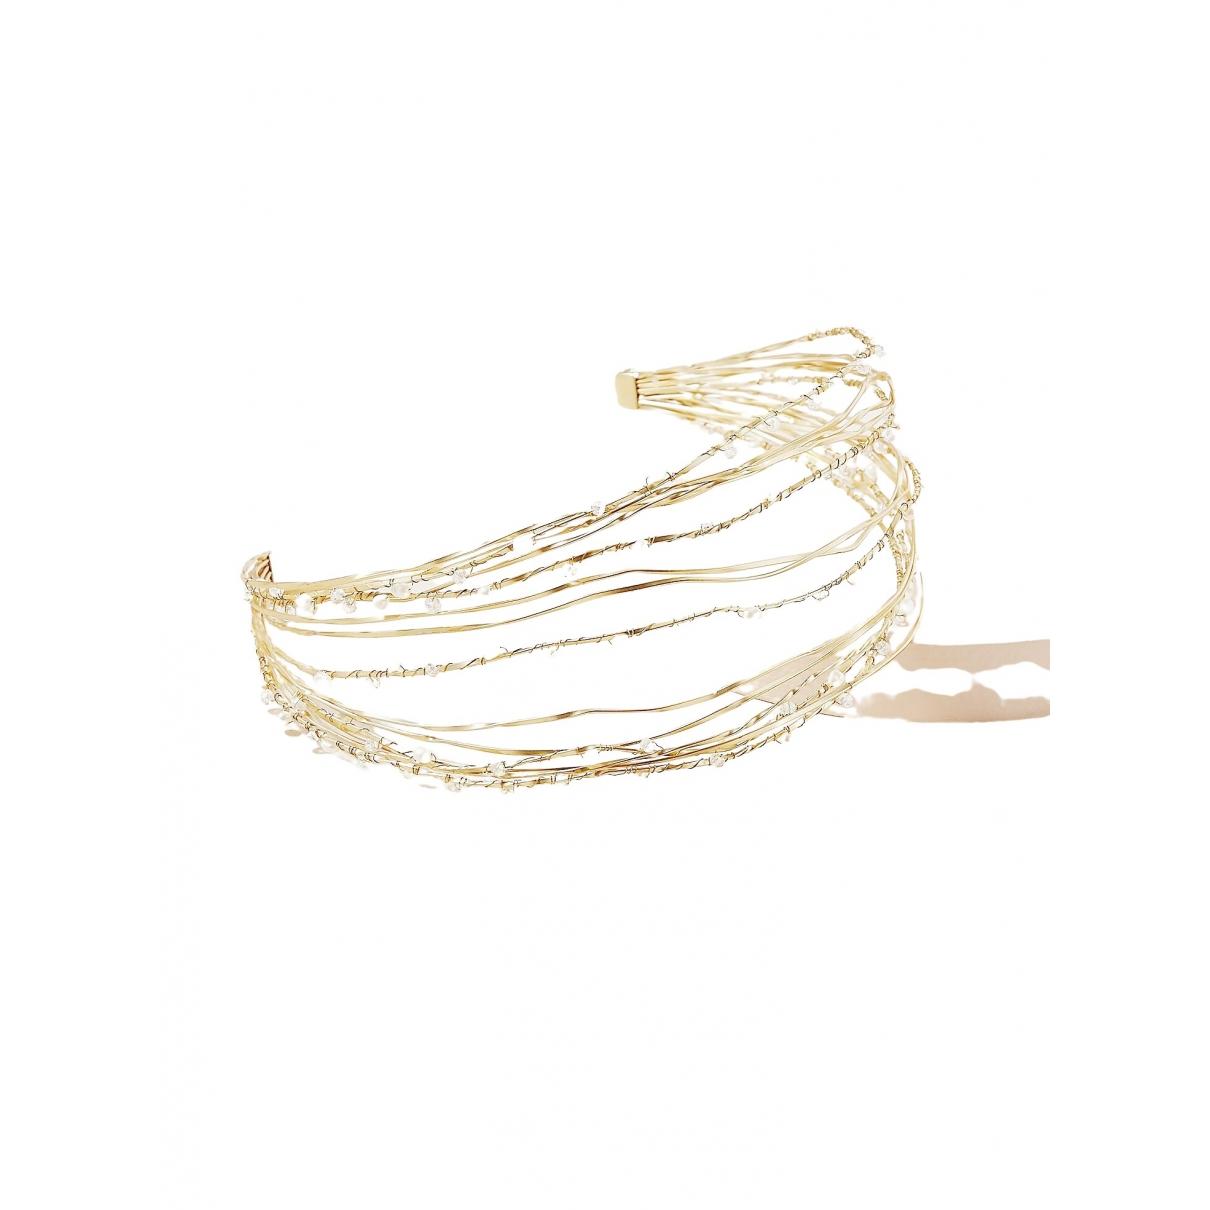 Anthropologie \N Gold Metal Hair accessories for Women \N